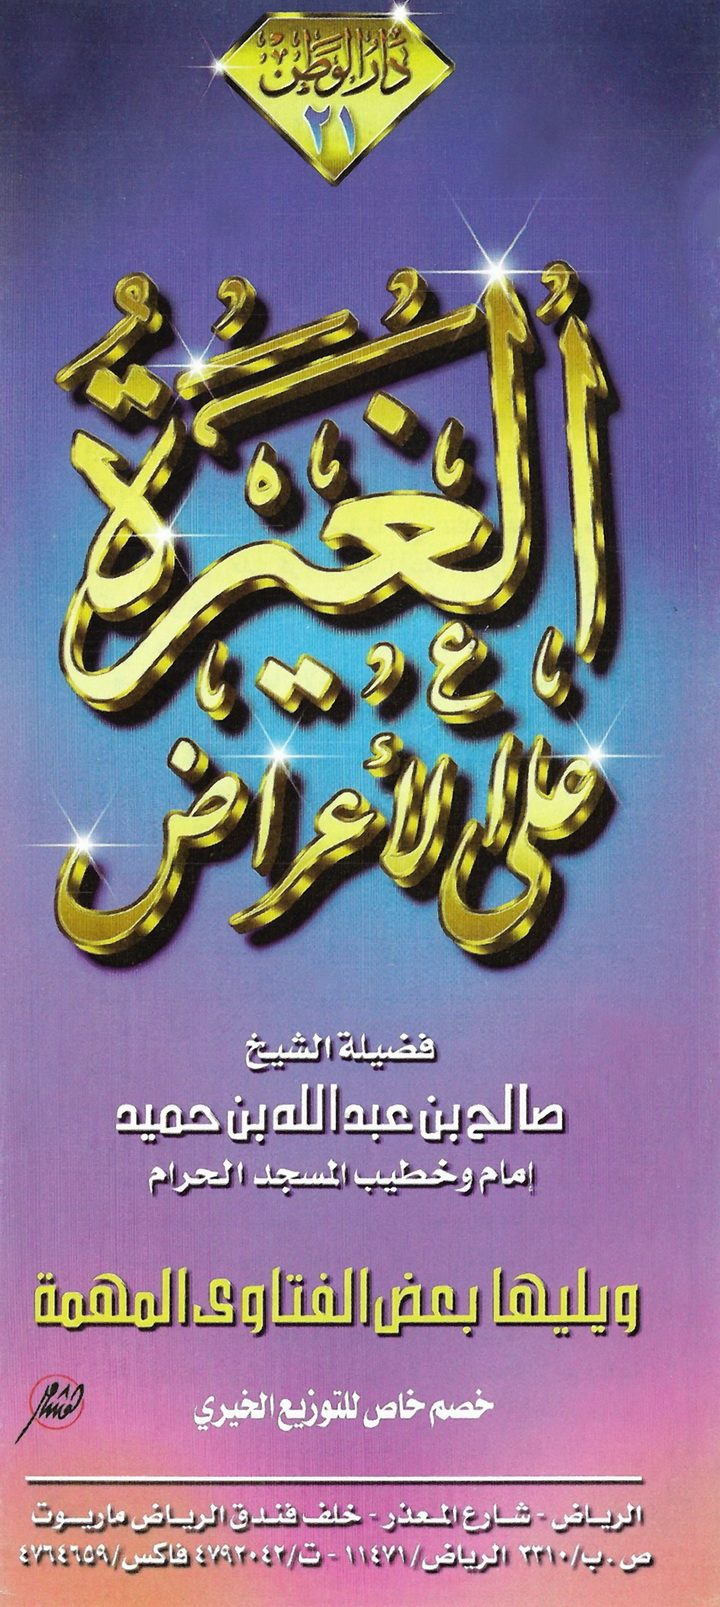 الغيرة على الأعراض (صالح بن عبد الله بن حميد – دار الوطن)